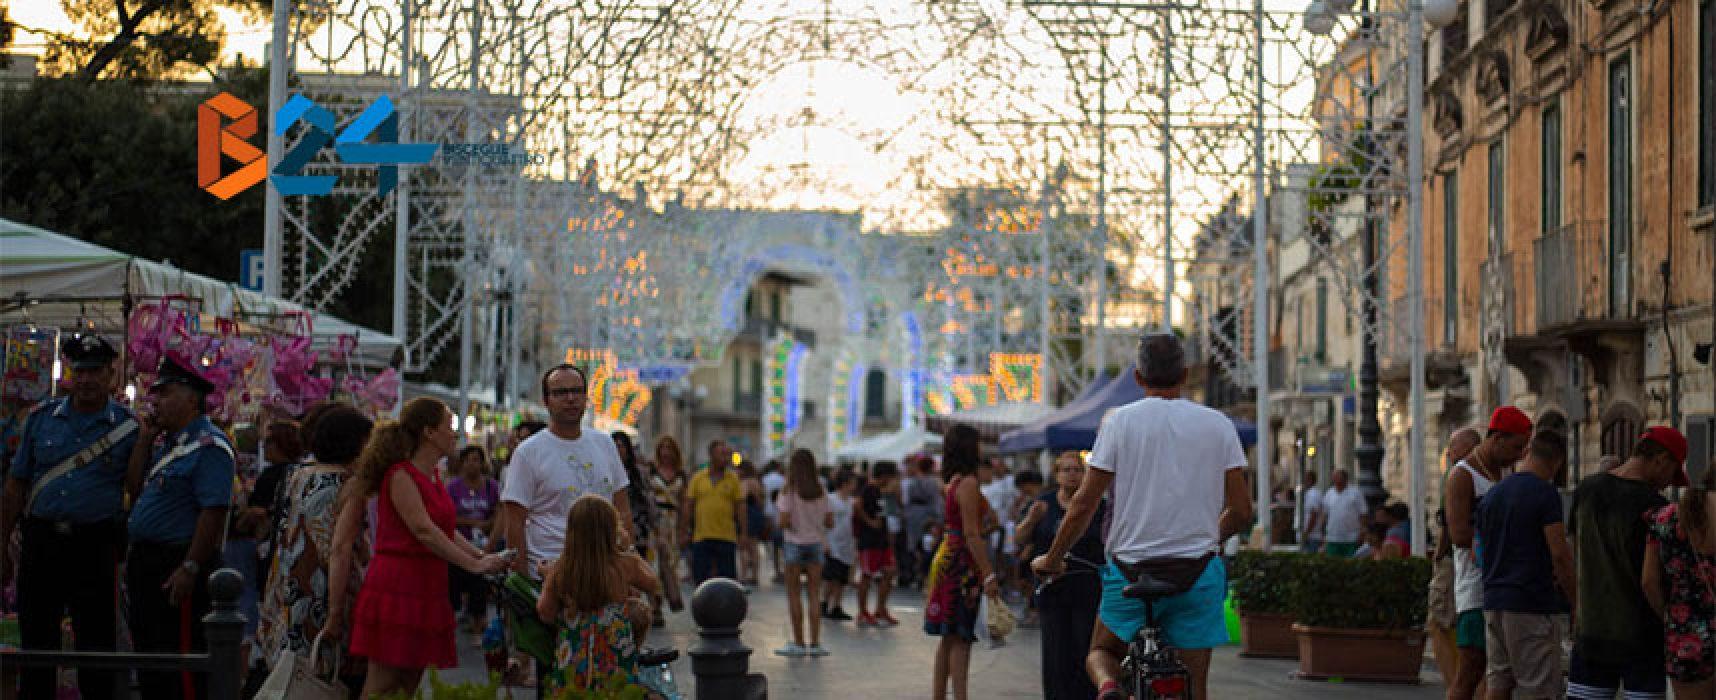 Festa Patronale, la Fivap interviene su assegnazione posteggi ai commercianti